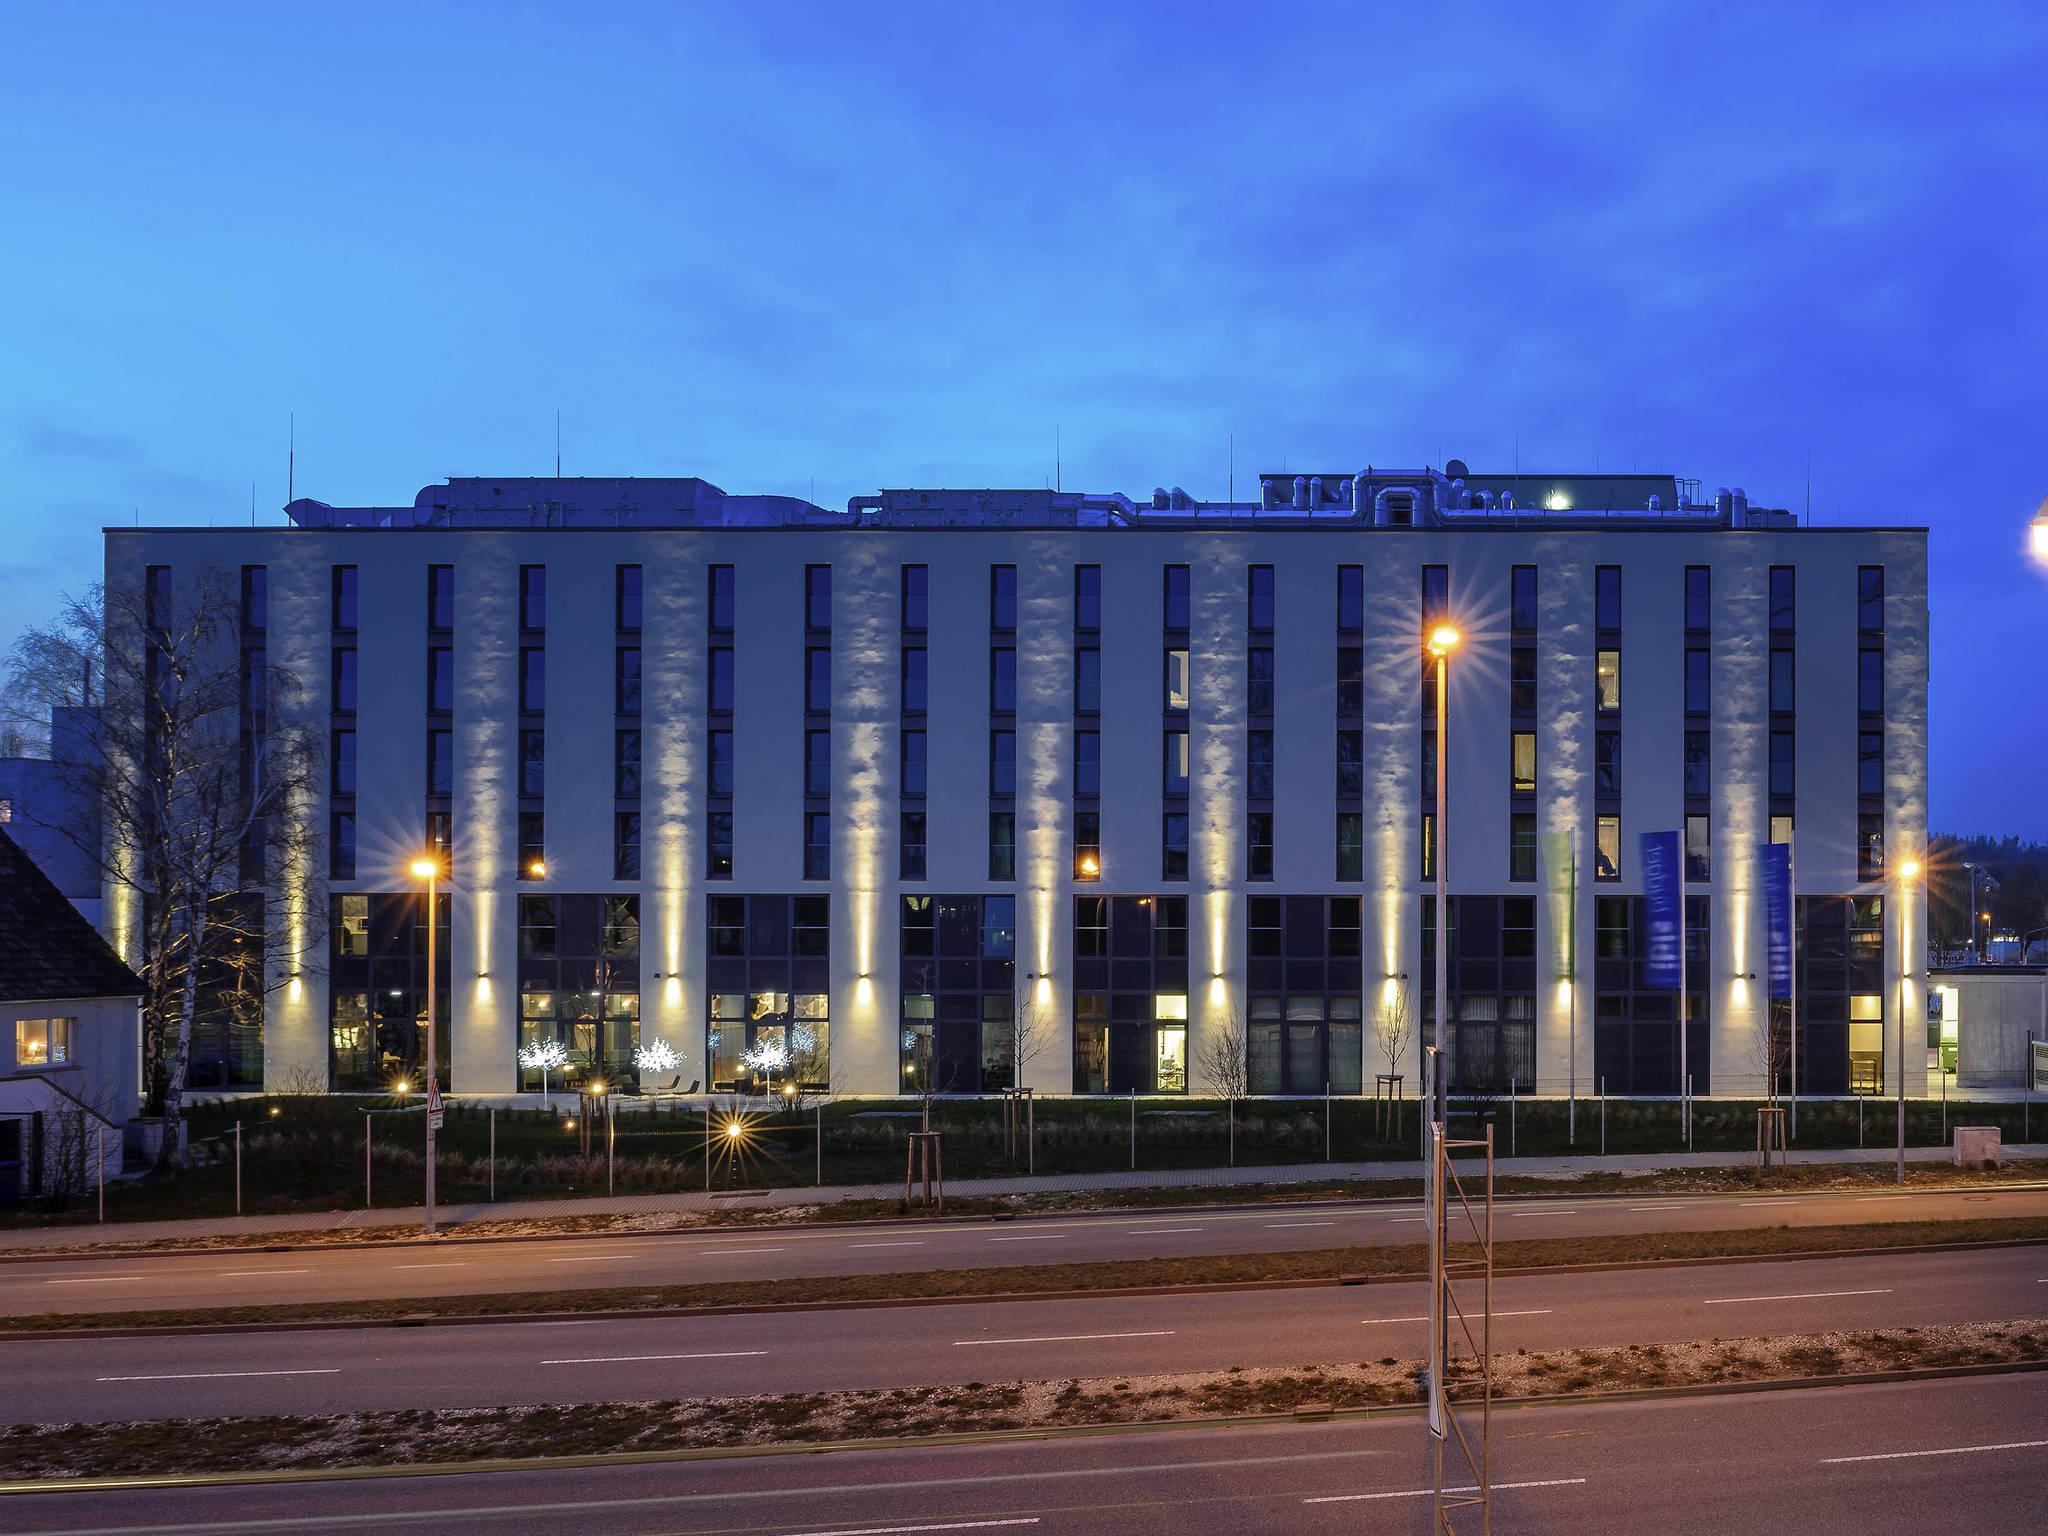 Hotel Ibis Styles Konstanz